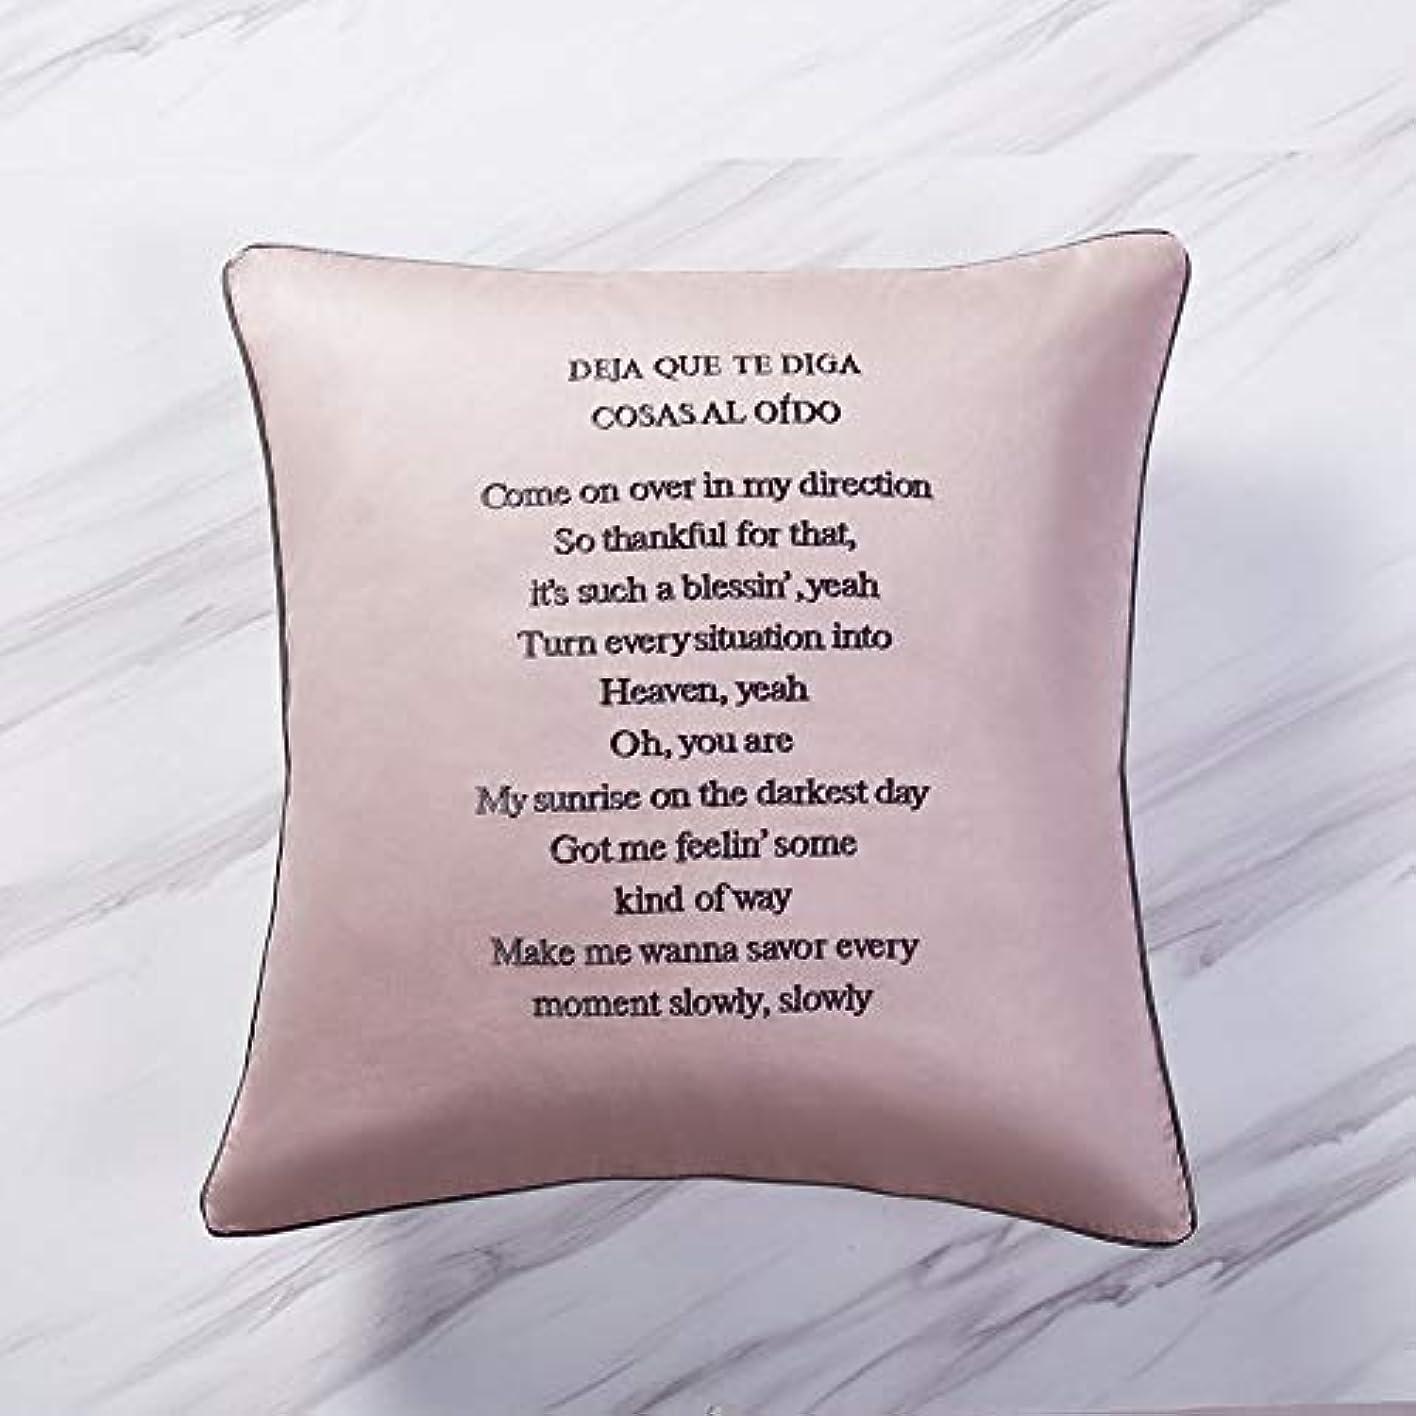 枕 ロングステープルコットン刺繍入りレターピローコットンソファーベッドbyウエストクッションピローケース付きコア (色 : Cream powder, Size : 45*45cm)